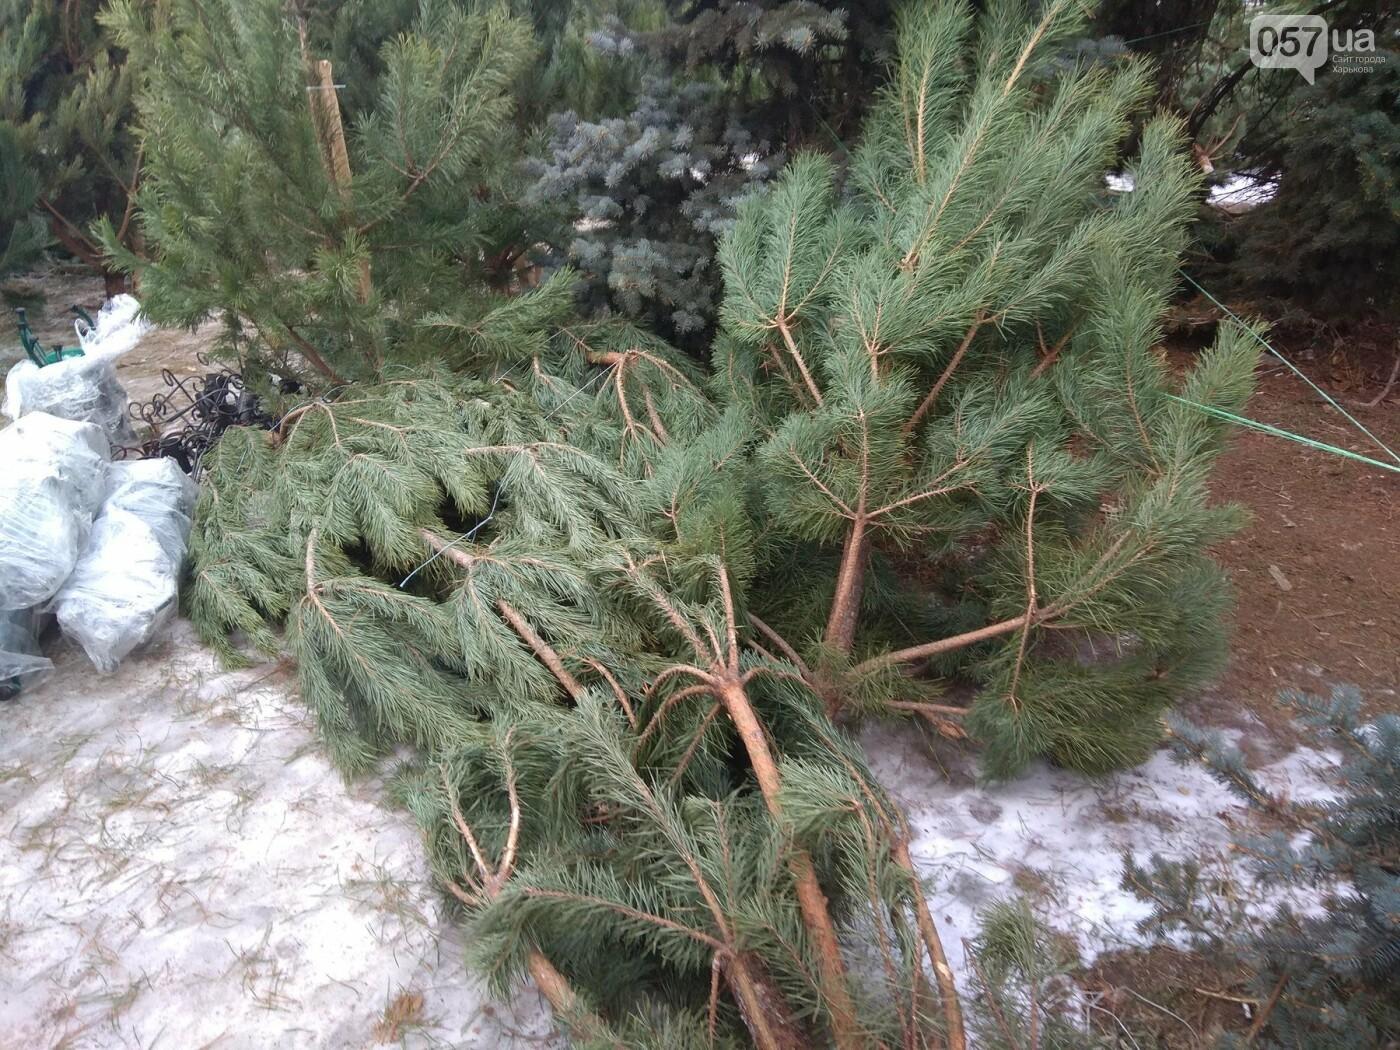 Новогодние елки в Харькове. Где и за сколько можно купить, - ФОТО, фото-7